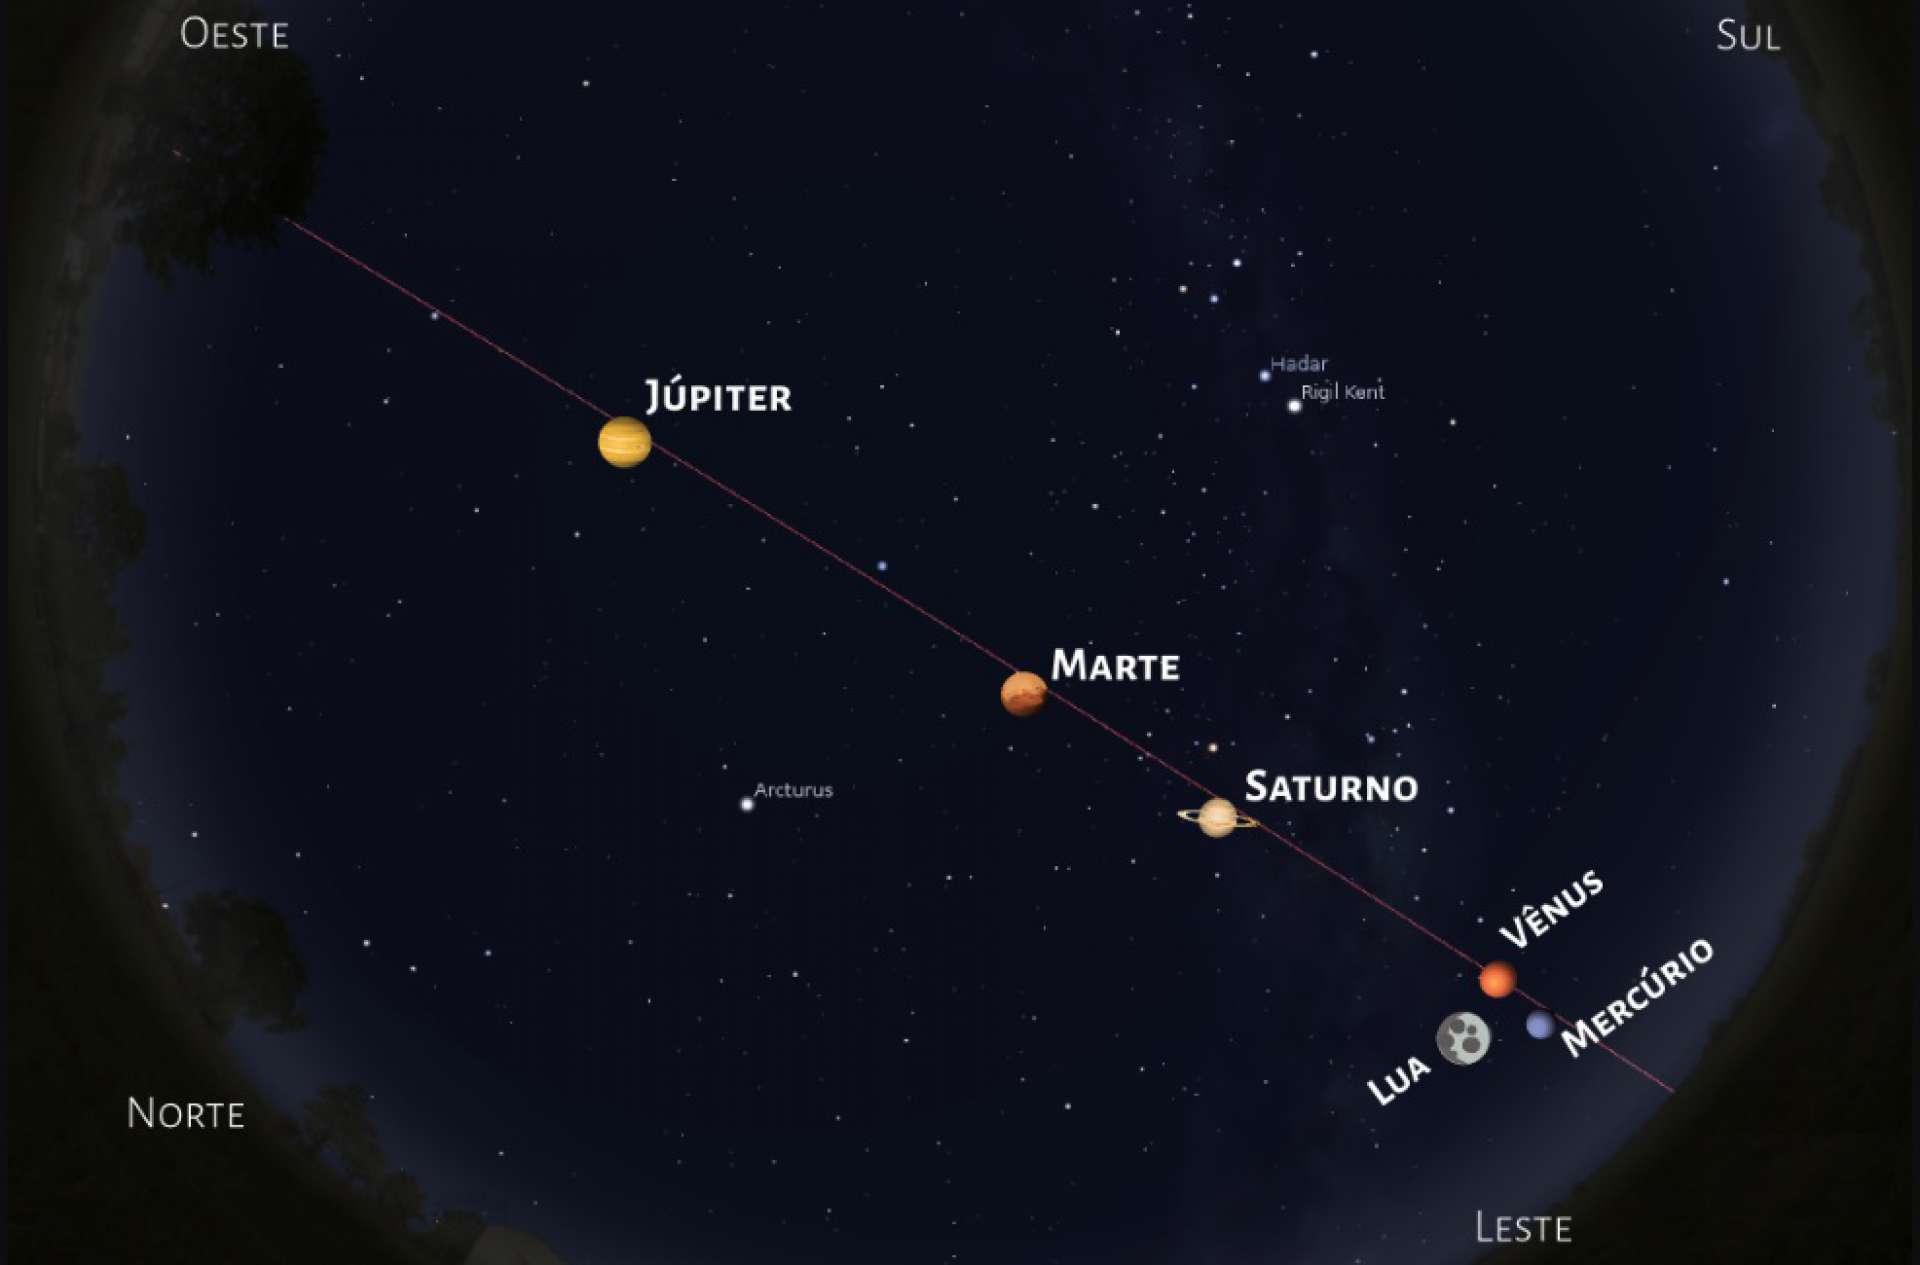 Domingo terá fenômeno astronômico raro antes do amanhecer ...